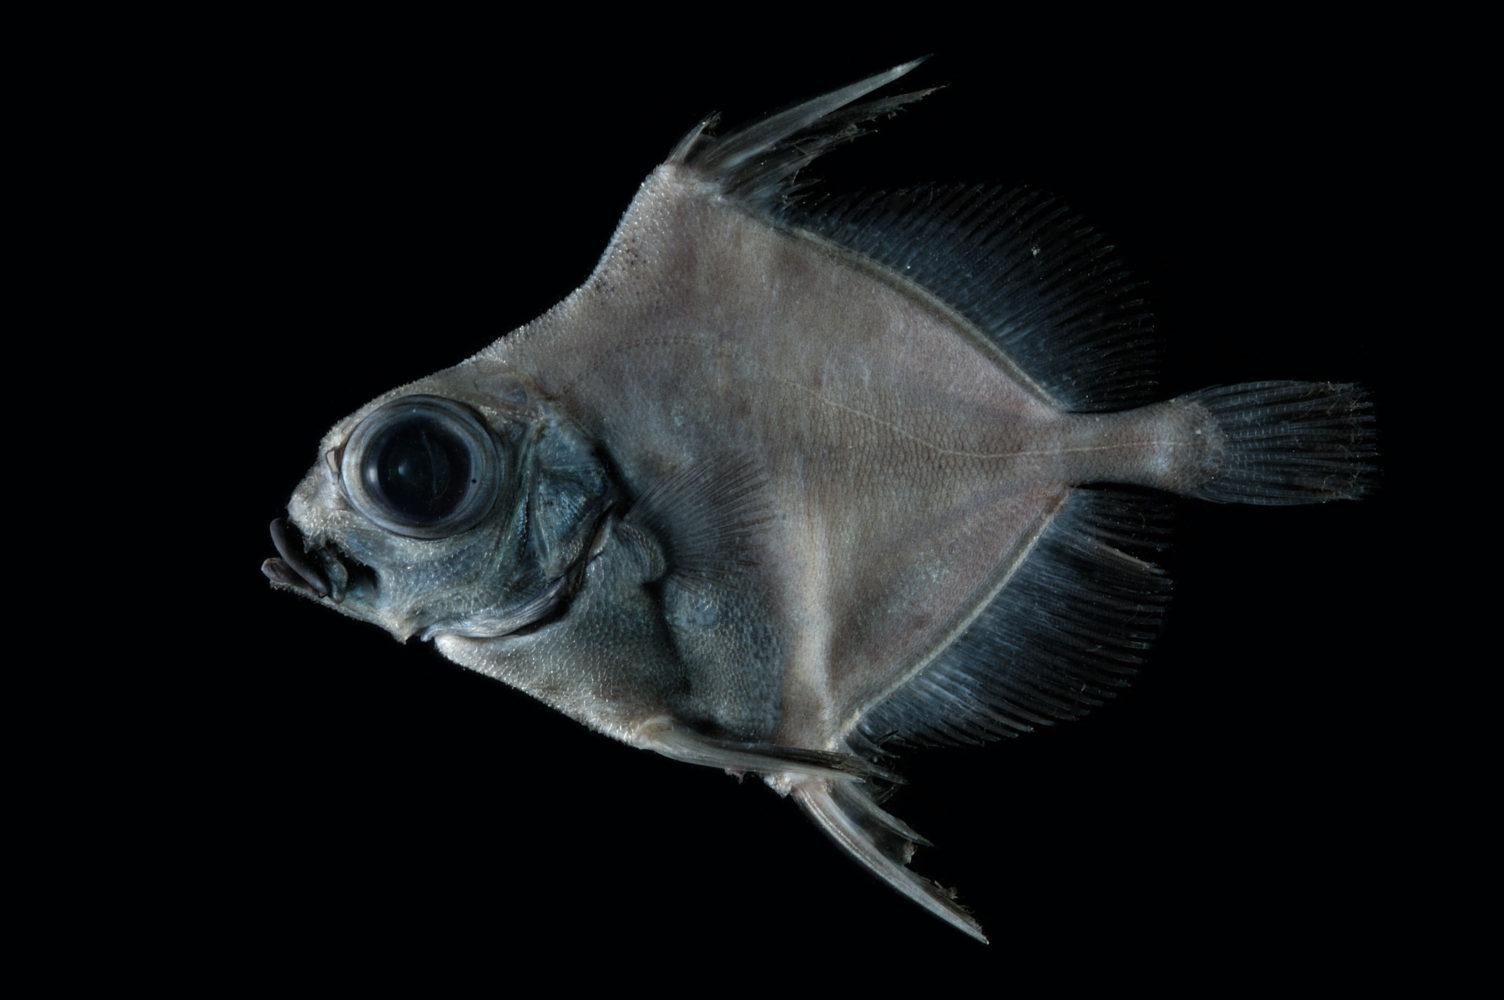 En firkantet dypvannsfisk med store øyne og pigger fra ryggen og buken